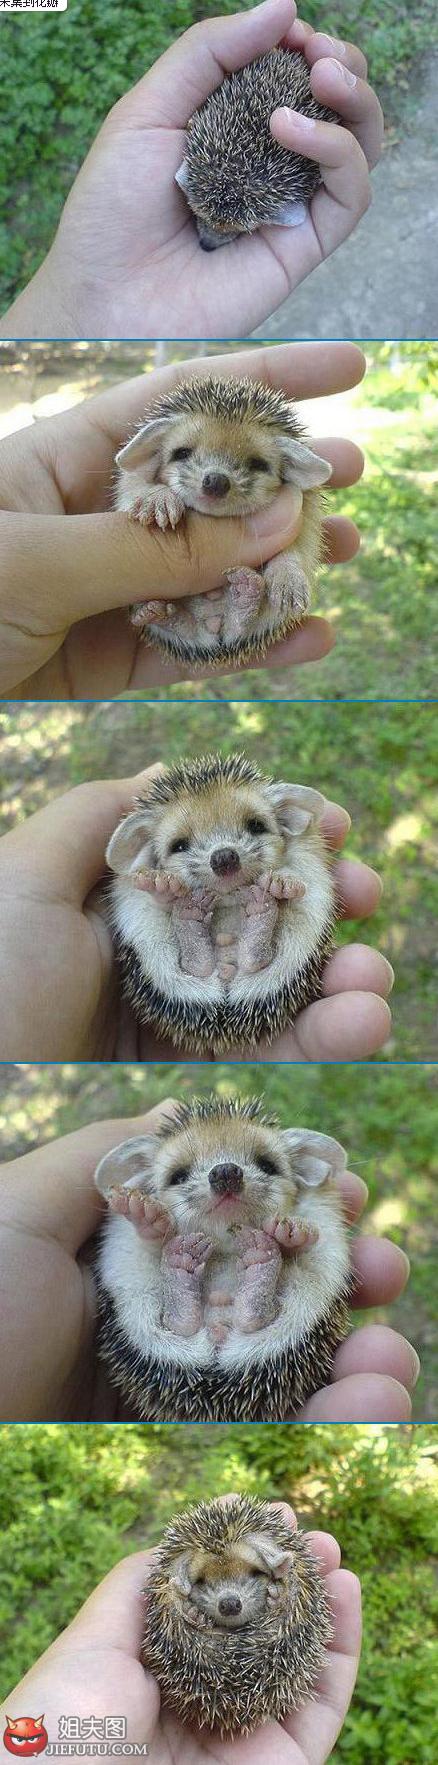 cute hedgehog~